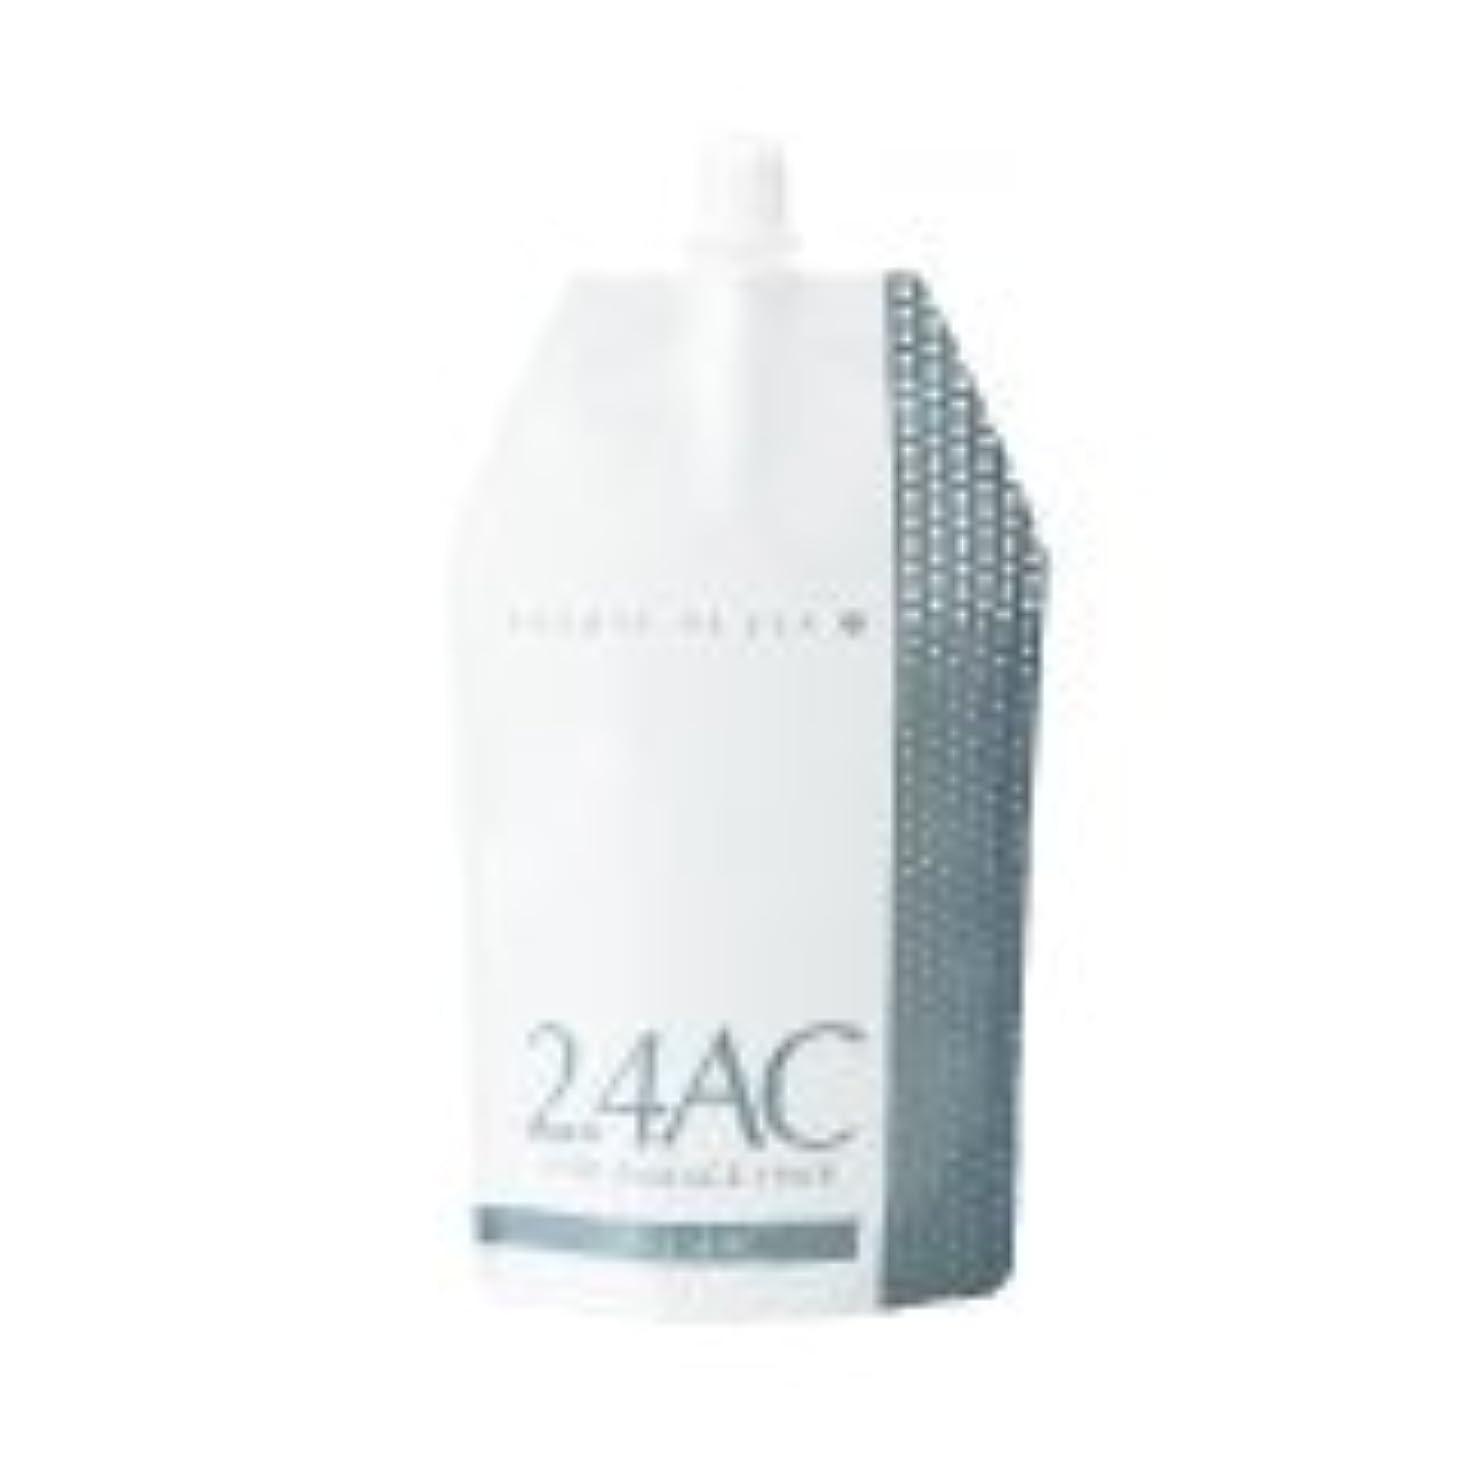 自動車鏡フライカイトデミ アソートアリアC オキシ OX-2.4AC 1000g (ヘアカラー2剤)(医薬部外品)(業務用)